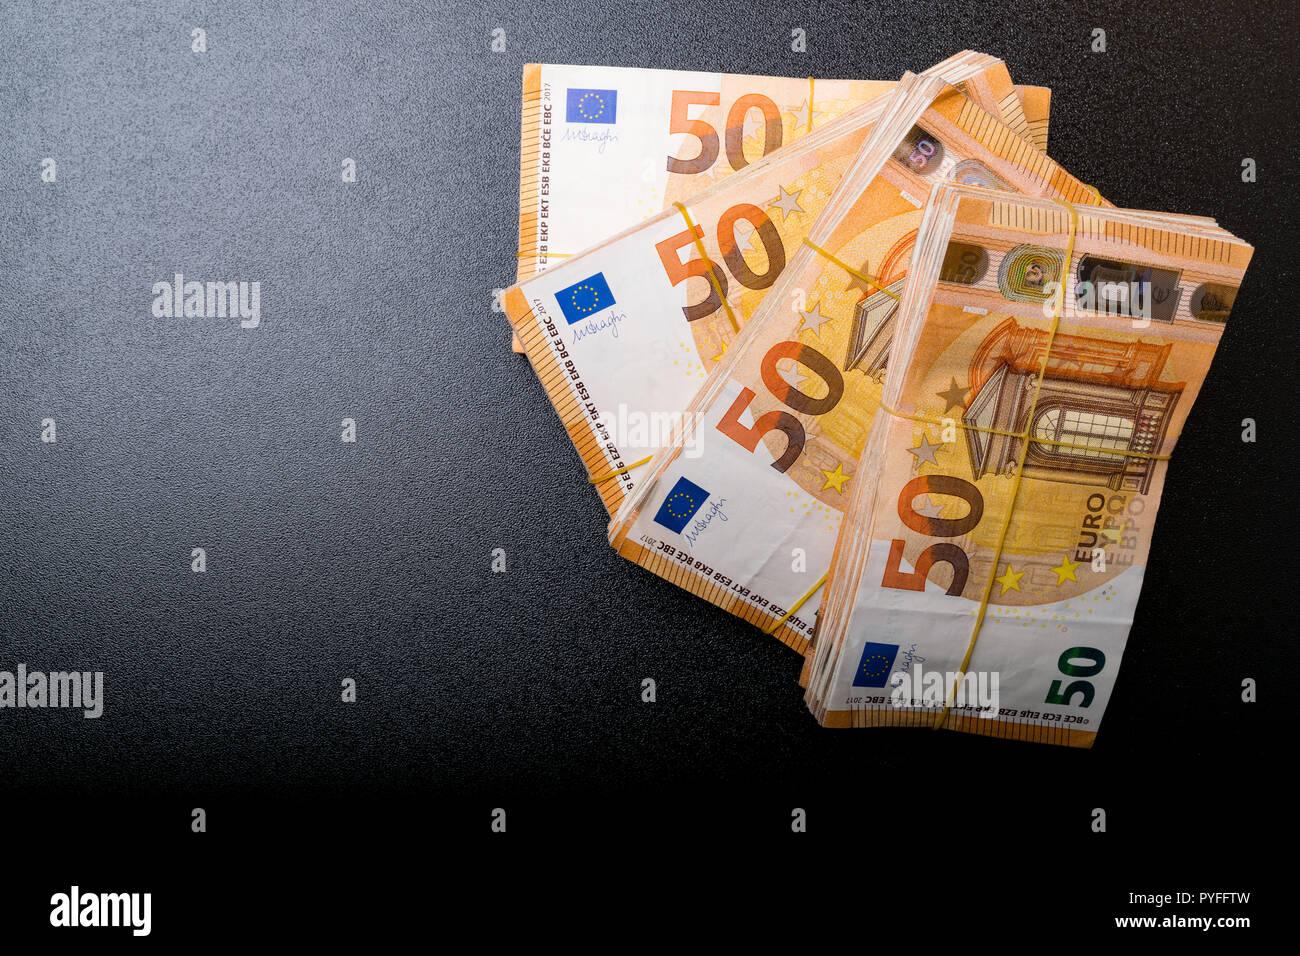 Stapel Von 50 Echten Euro Banknoten 50 Euro Banknoten Unter